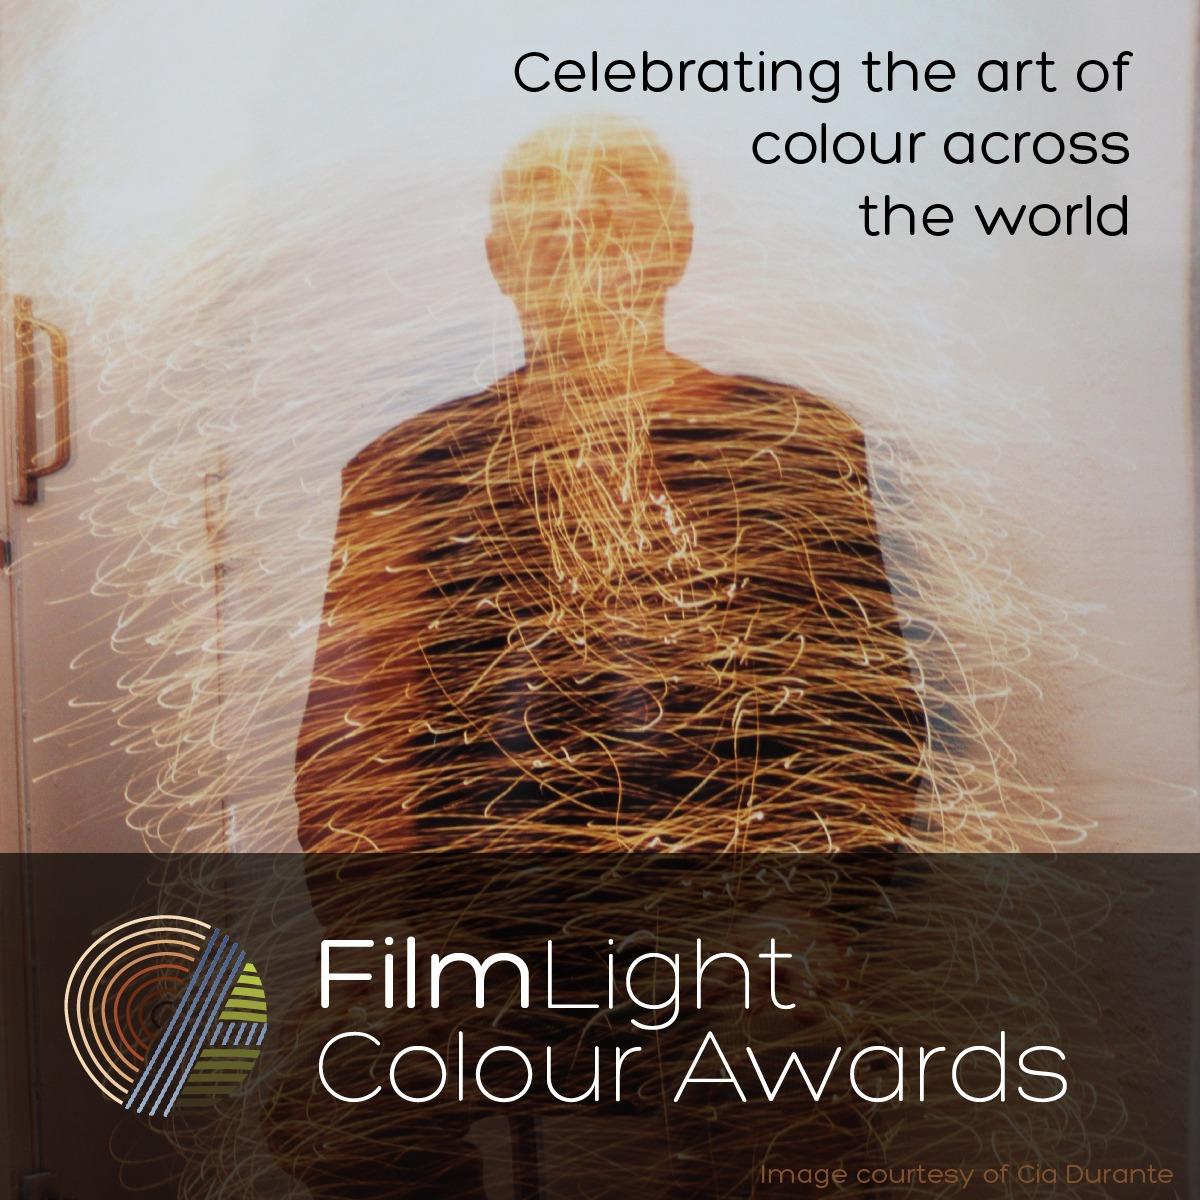 FilmLight Colour Awards poster